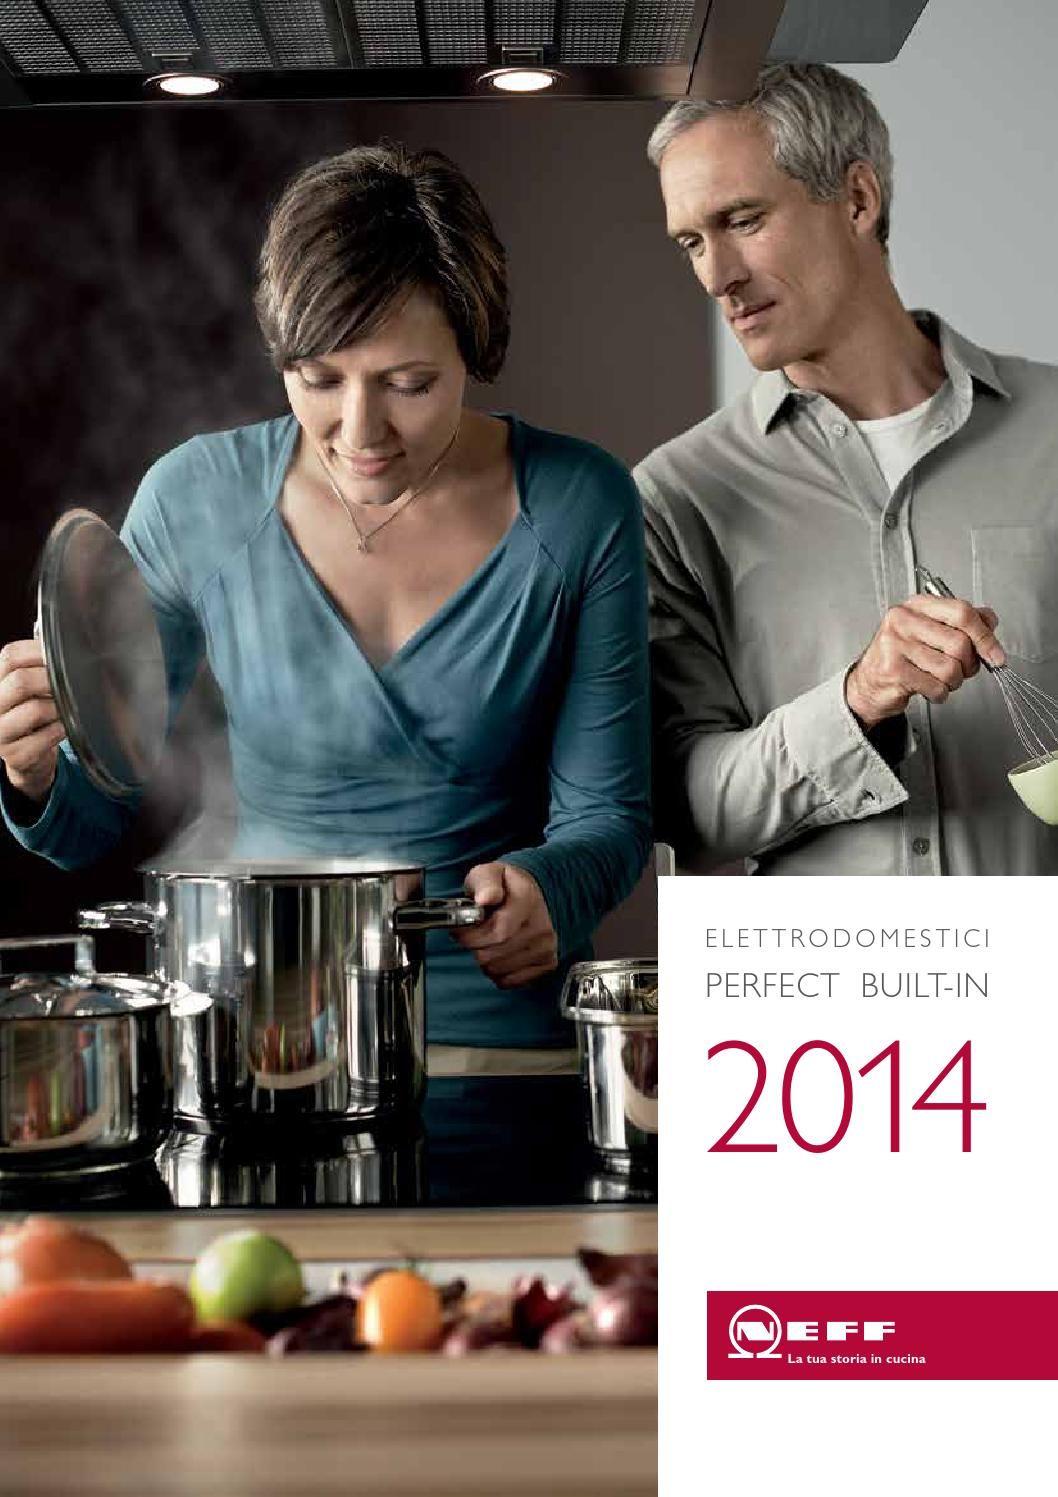 Catalogo neff 2014 Catalogo